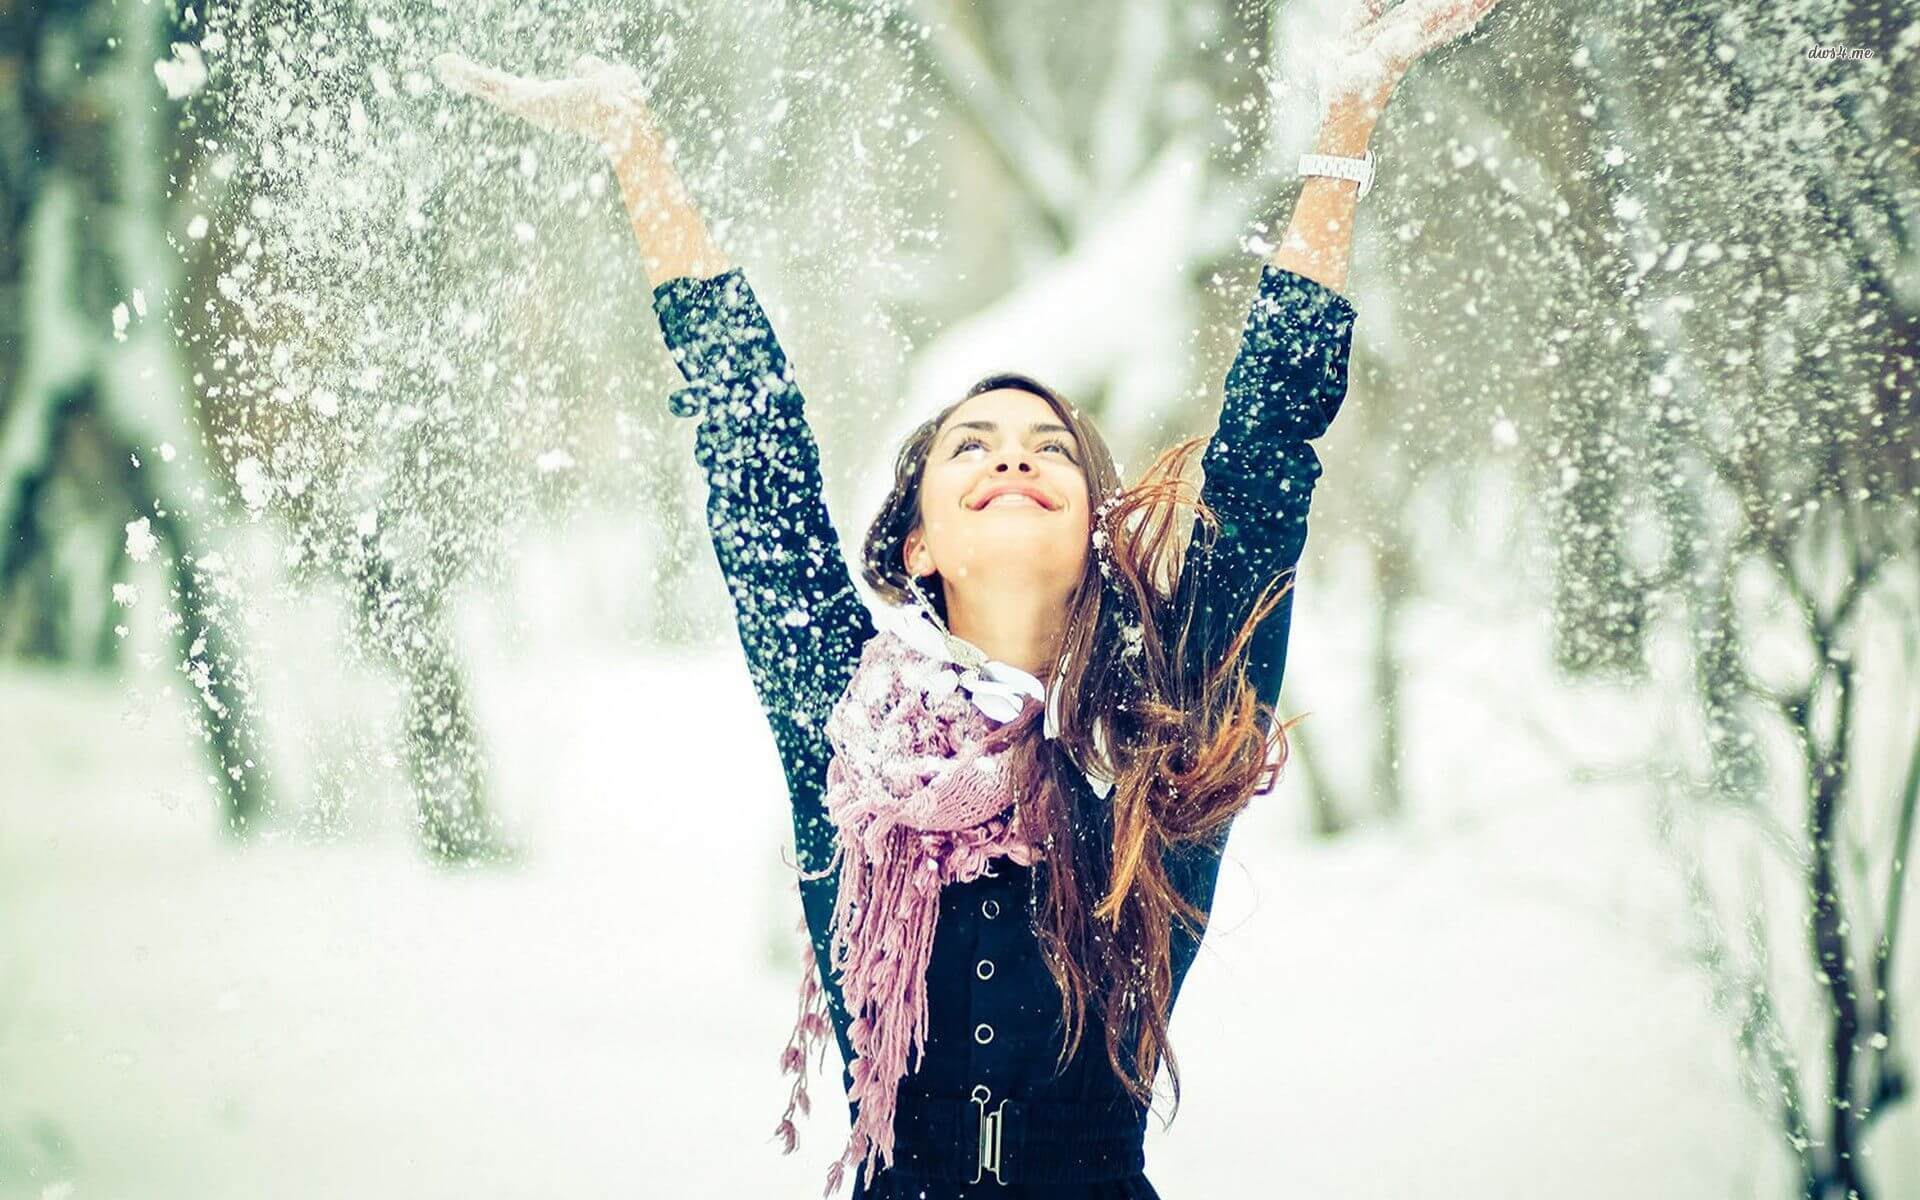 آیا به دنبال خوشبختی و افزایش شادی خود در کمترین زمان هستید؟